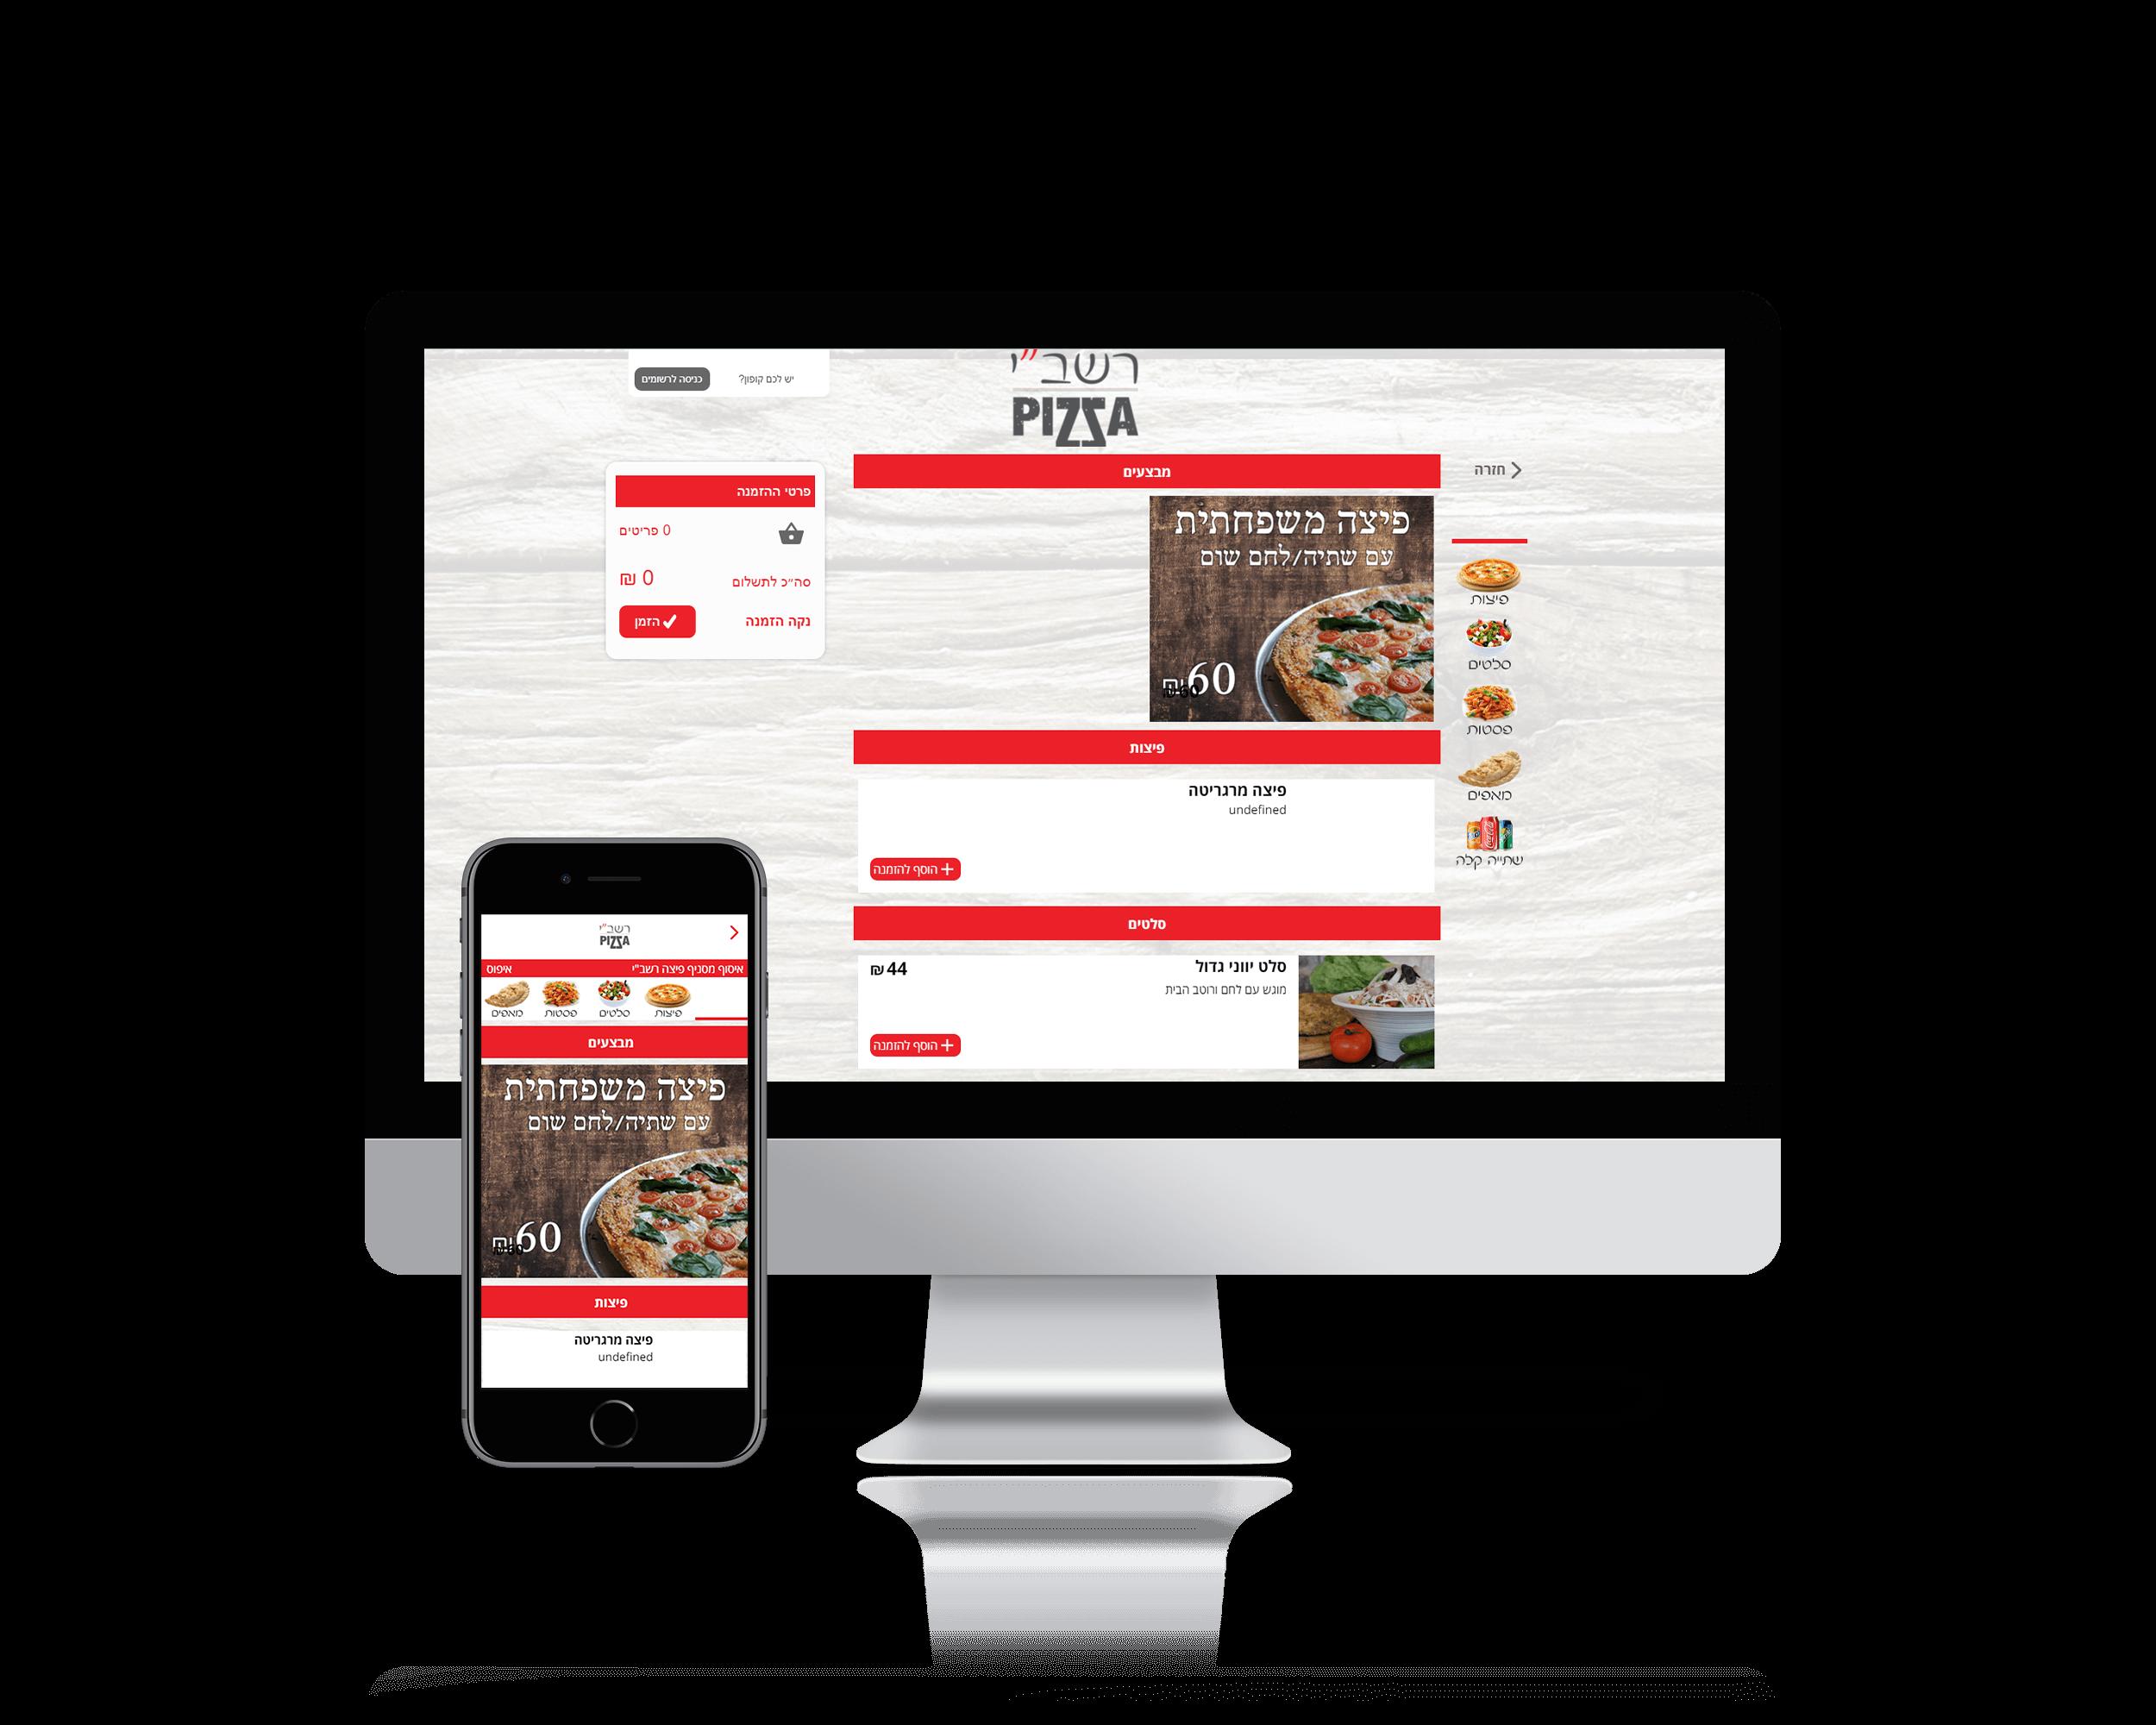 אתר הזמנות של פיצה רשבי מבין הלקוחות שלנו